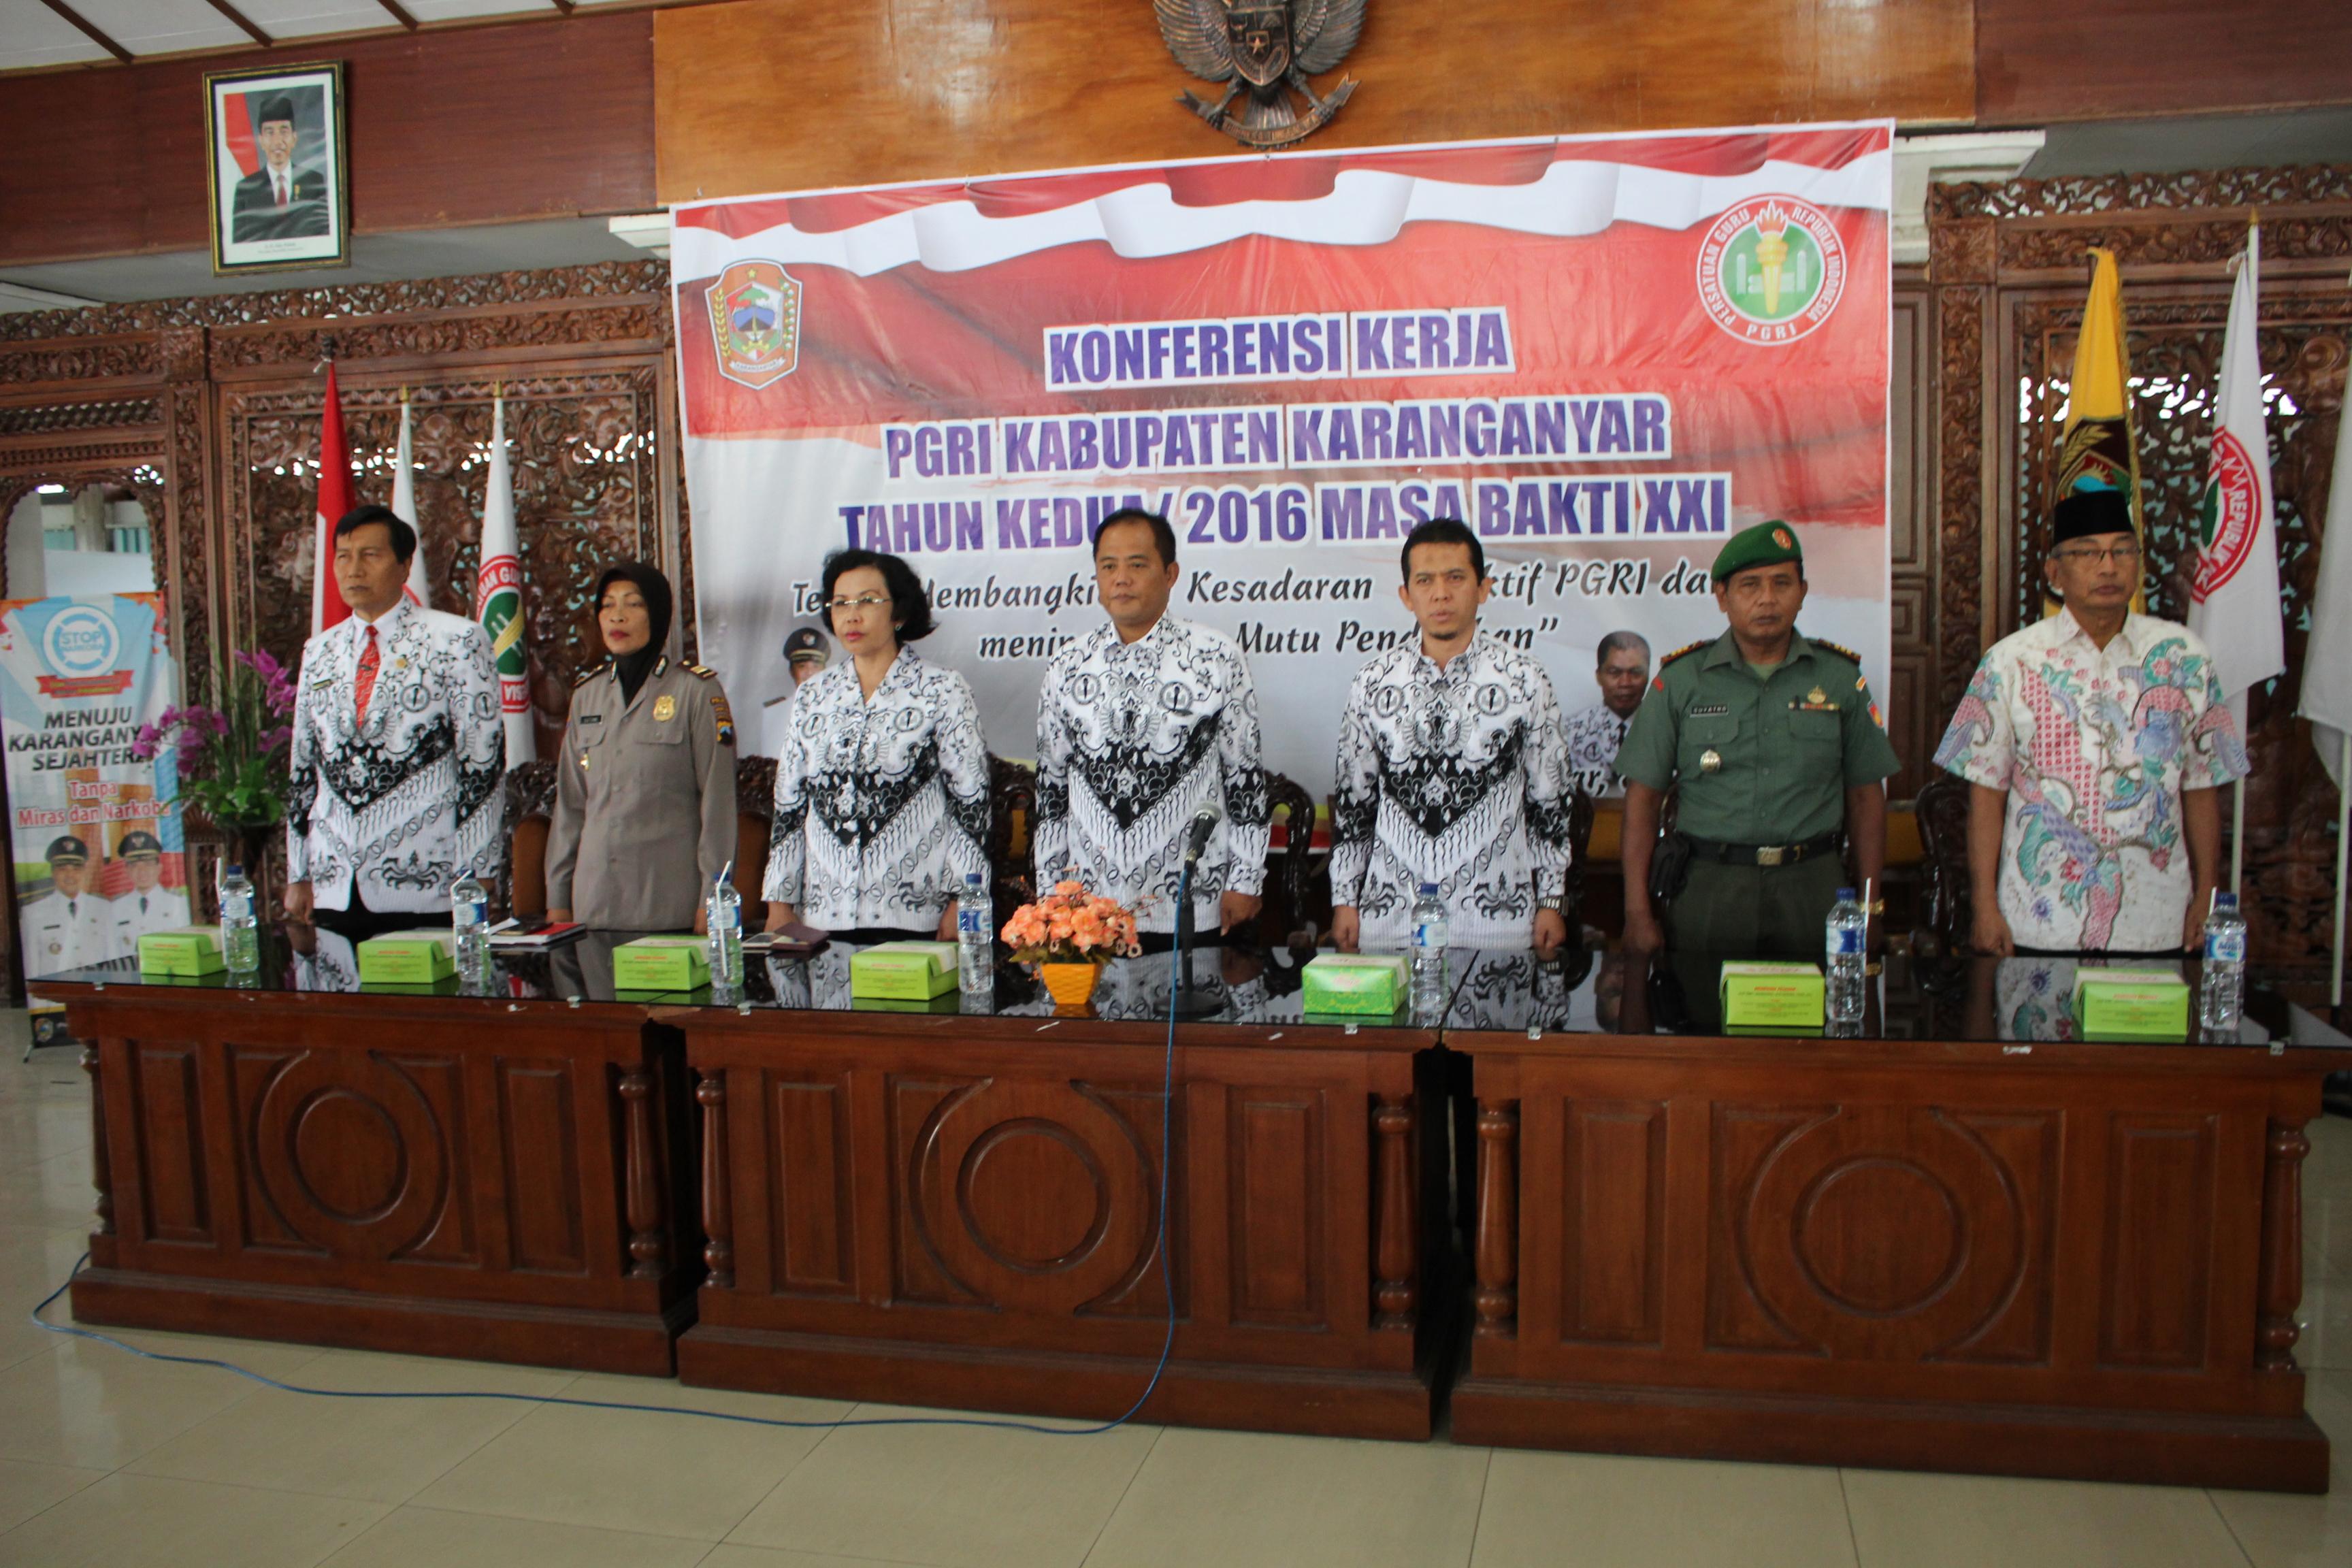 Konferensi Kerja PGRI Bahas Mutu Pendidikan dan Kesejahteraan Guru